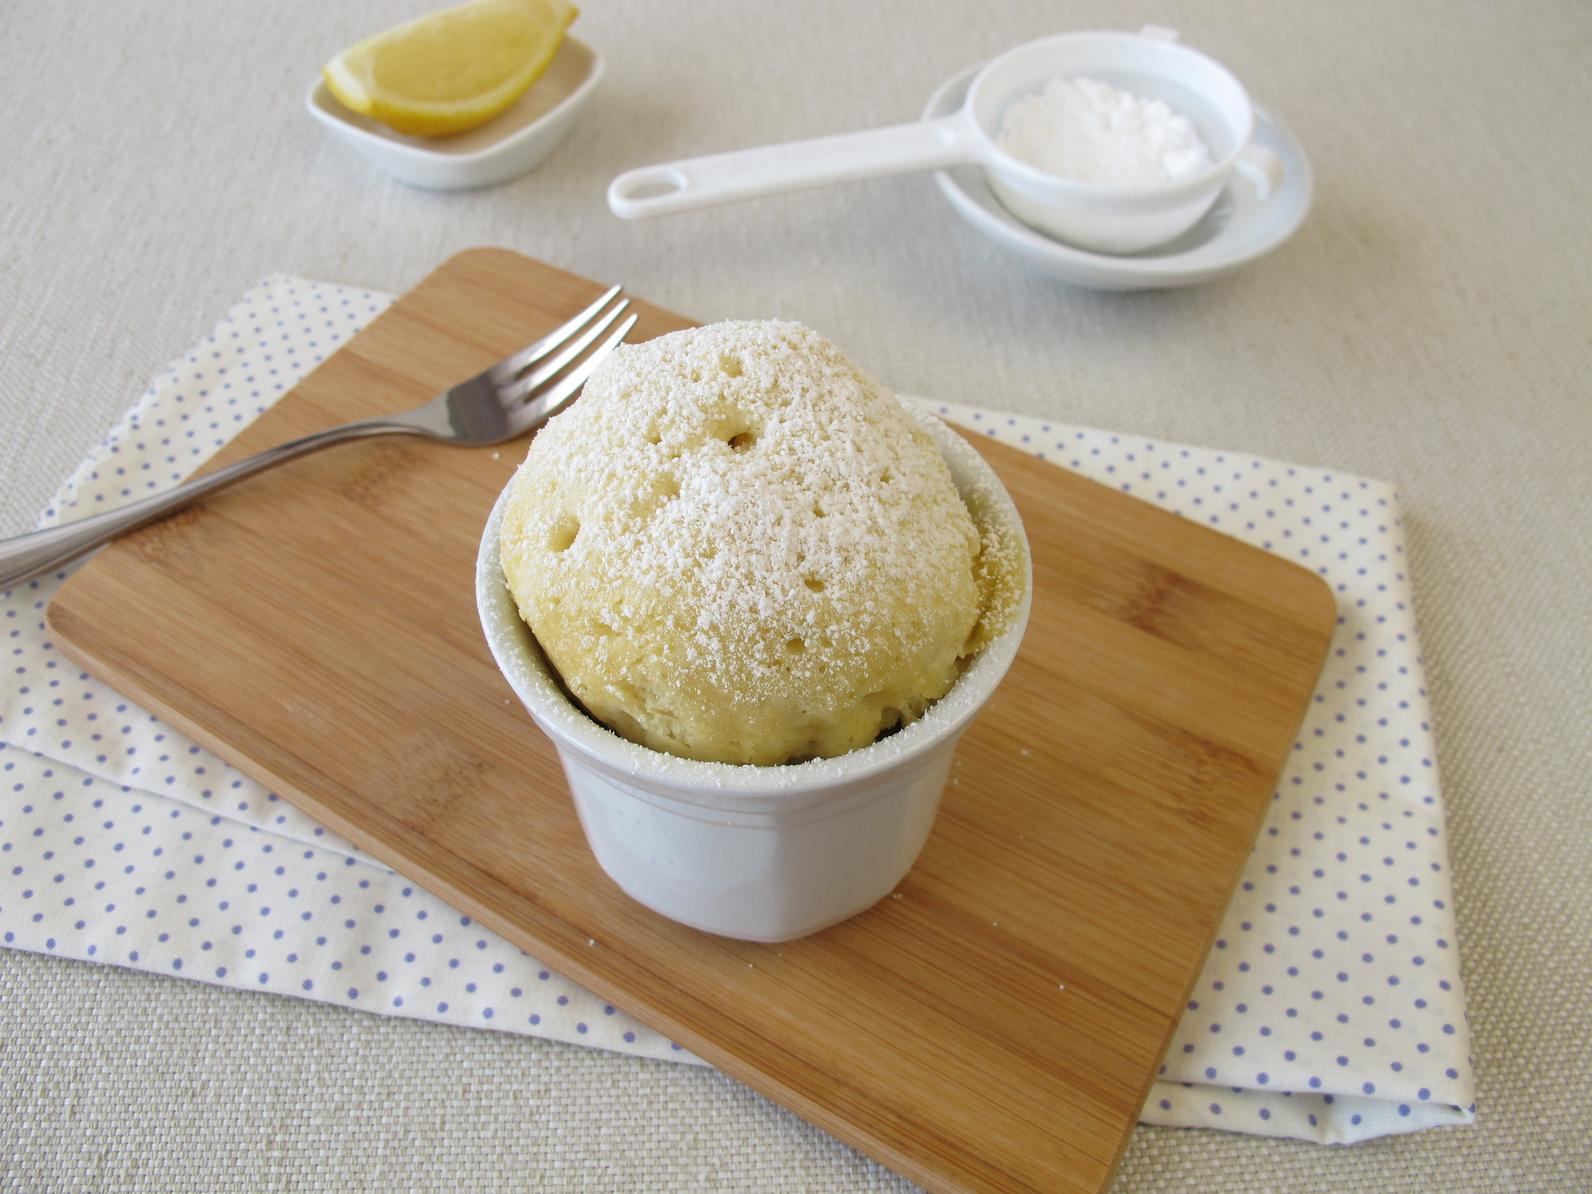 Kuchen in der Tasse mit Zitrone und Puderzucker